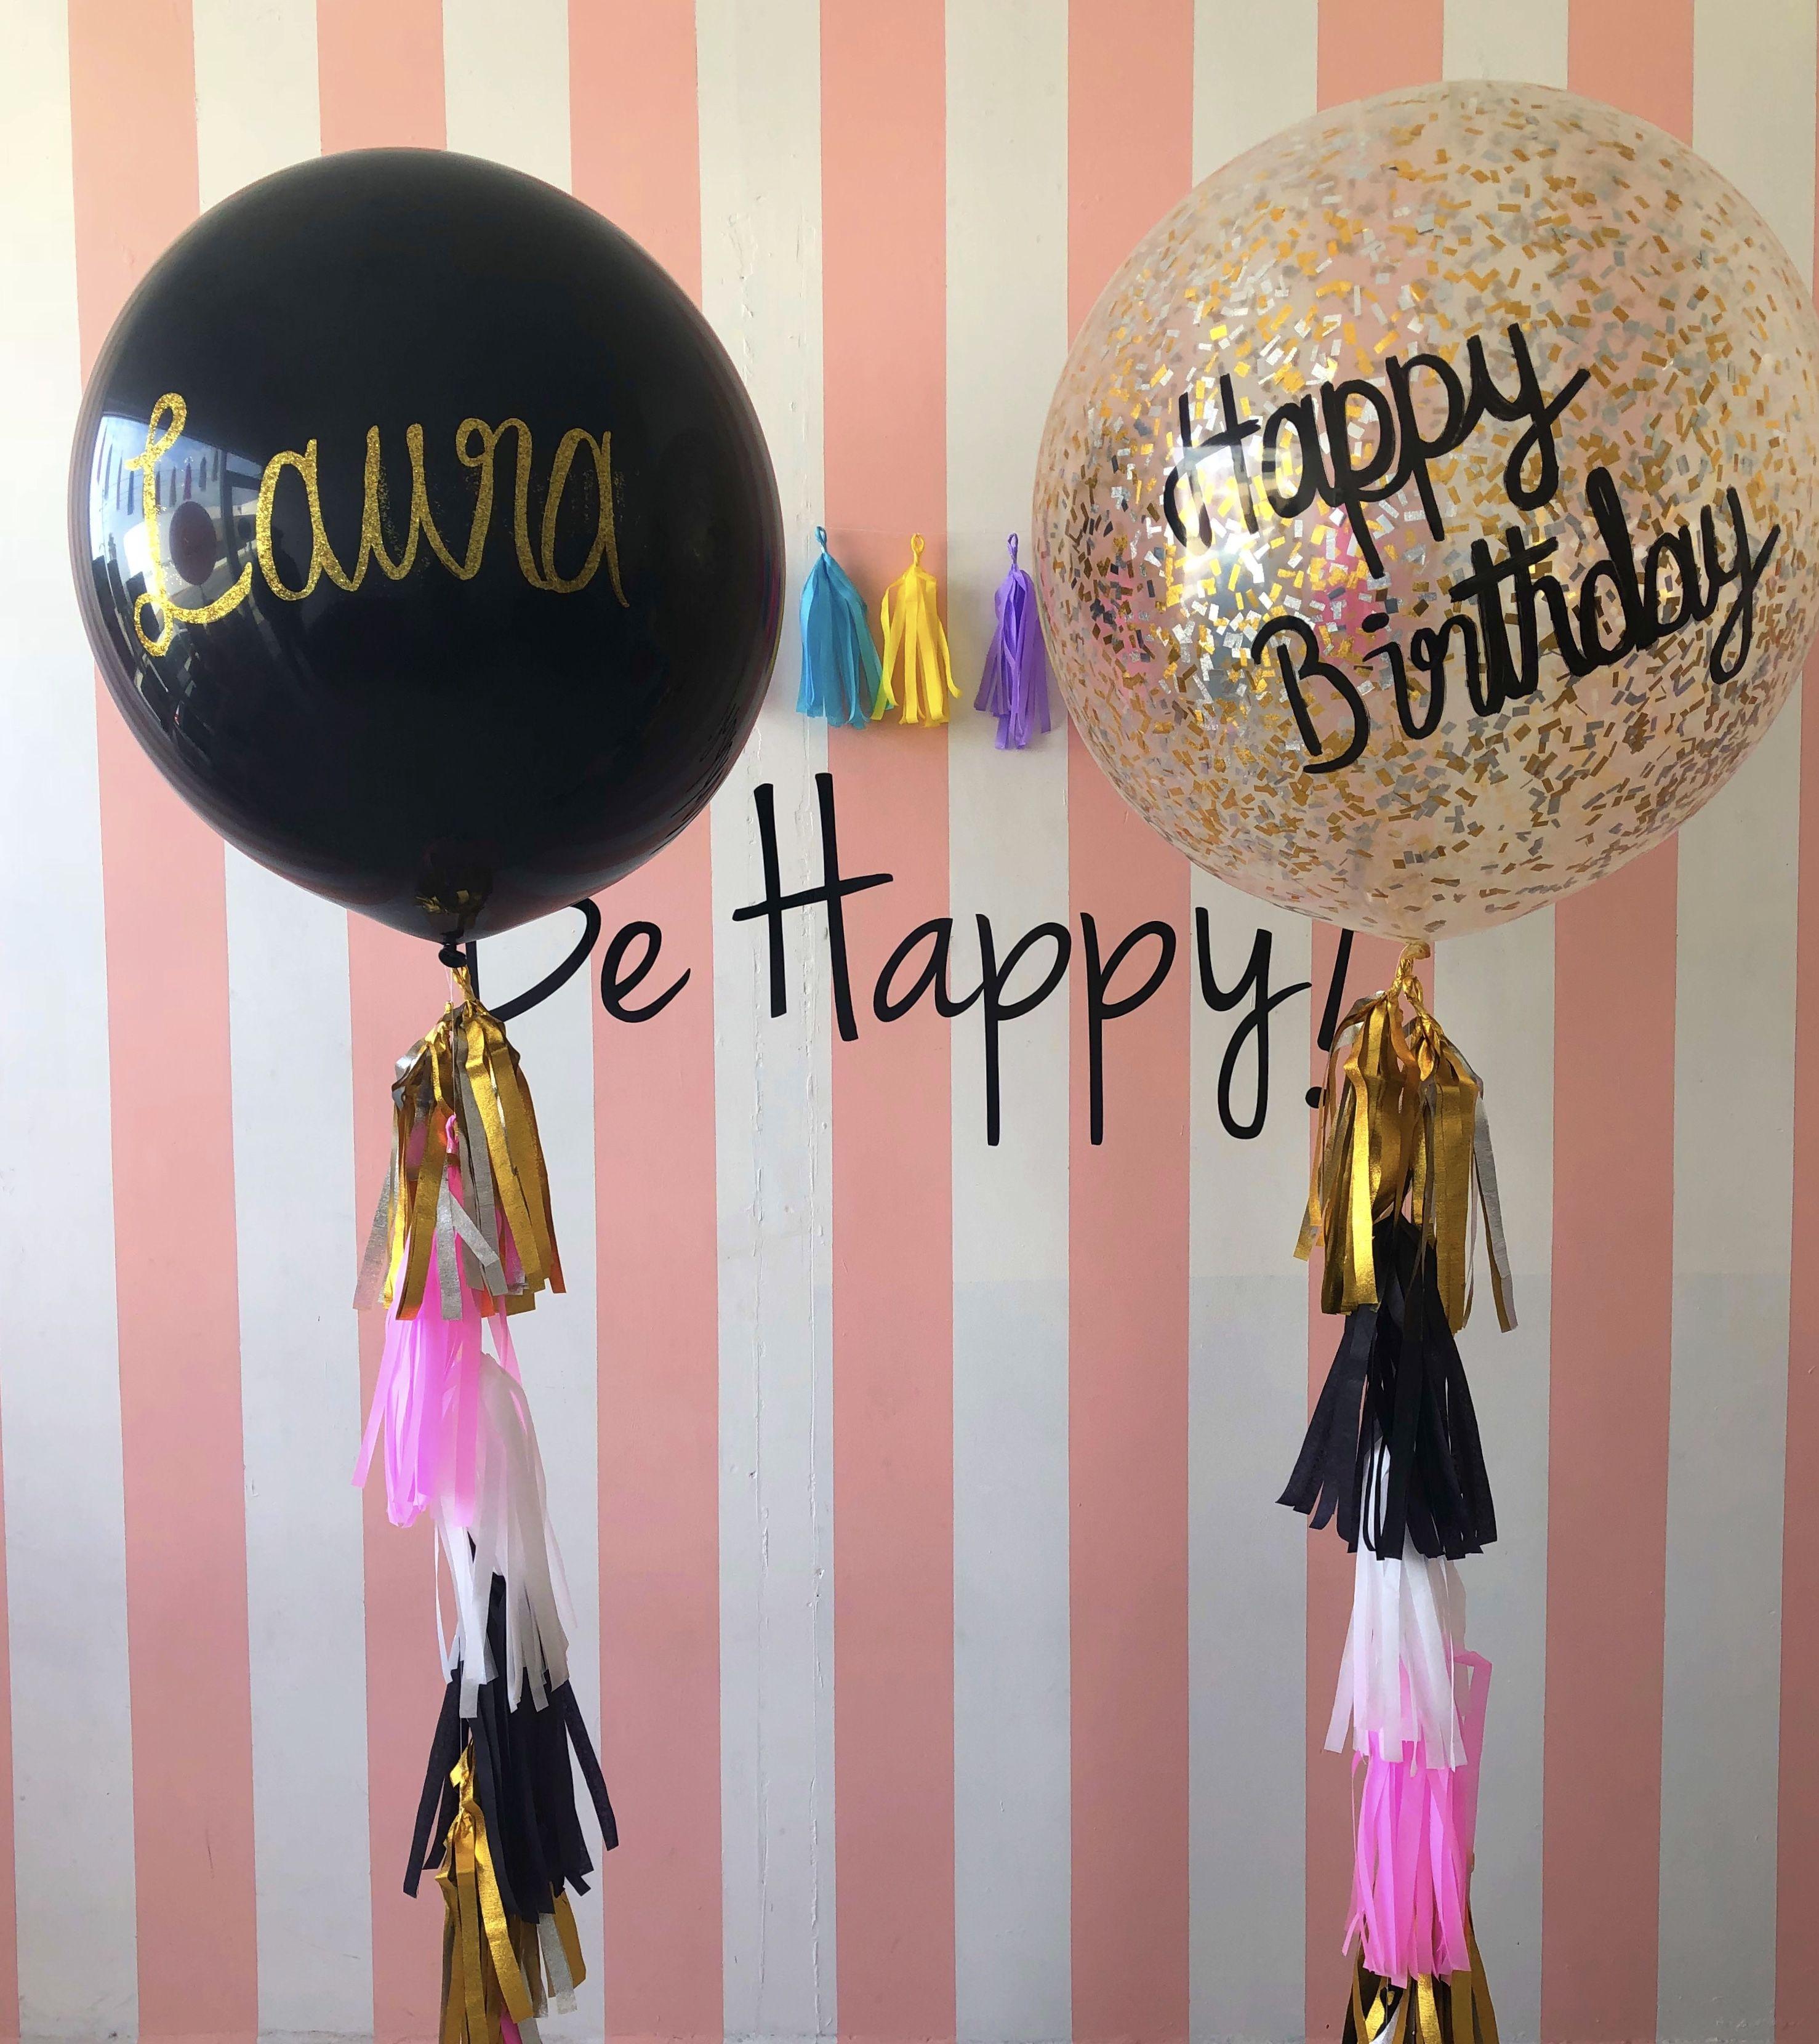 Cumplea os 30 39 s negro rosa y dorado birthday 30 39 s globos for Decoracion de cumpleanos rosa y dorado